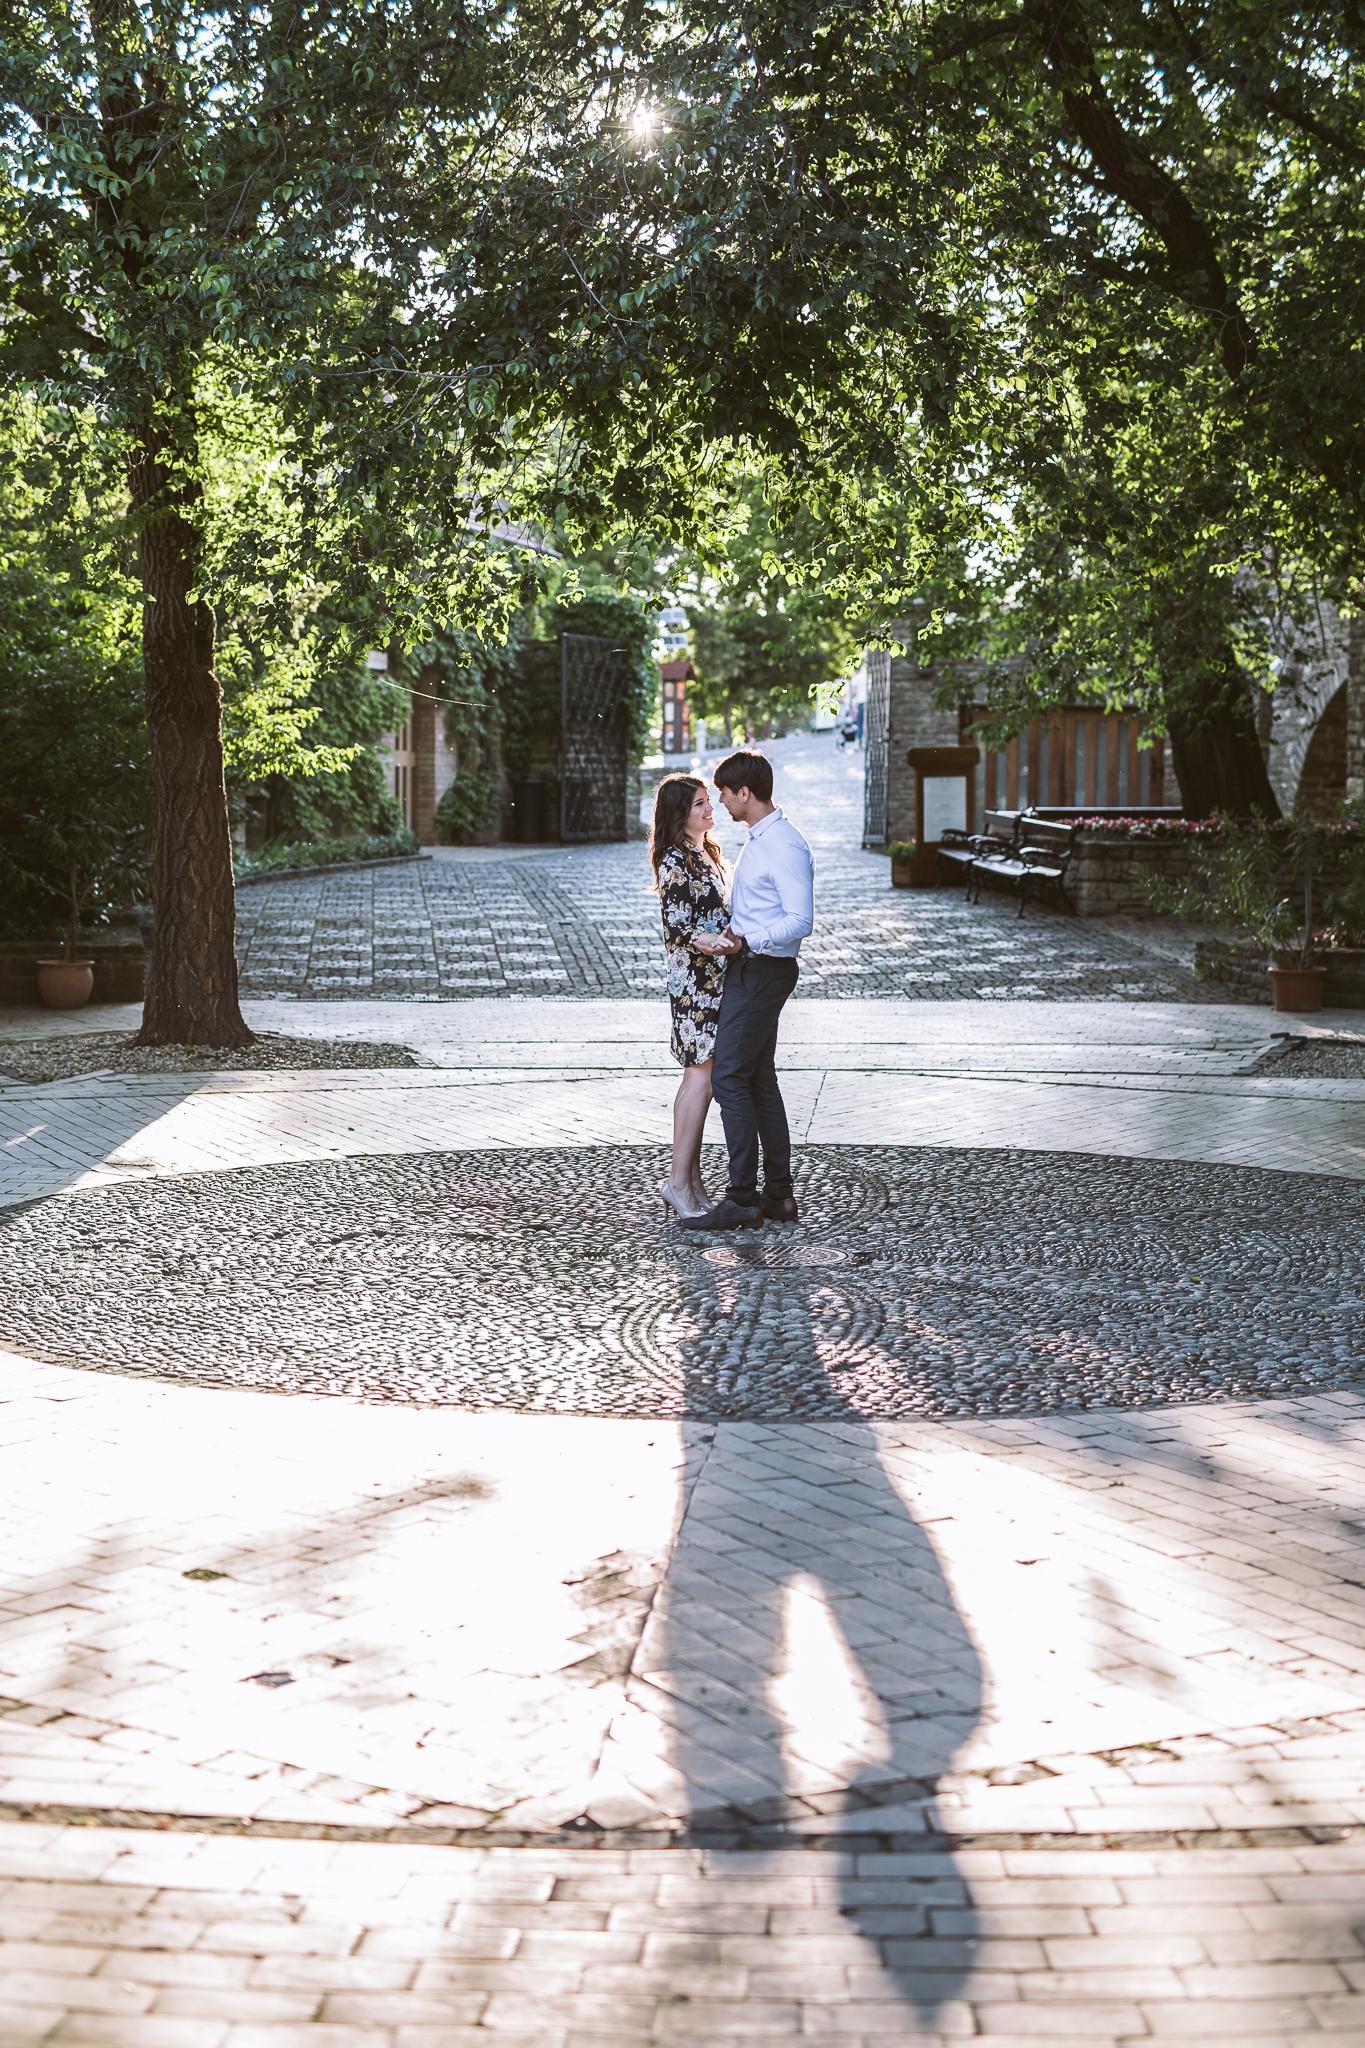 FylepPhoto, esküvőfotózás, magyarország, esküvői fotós, vasmegye, prémium, jegyesfotózás, Fülöp Péter, körmend, kreatív, tihany 45.jpg